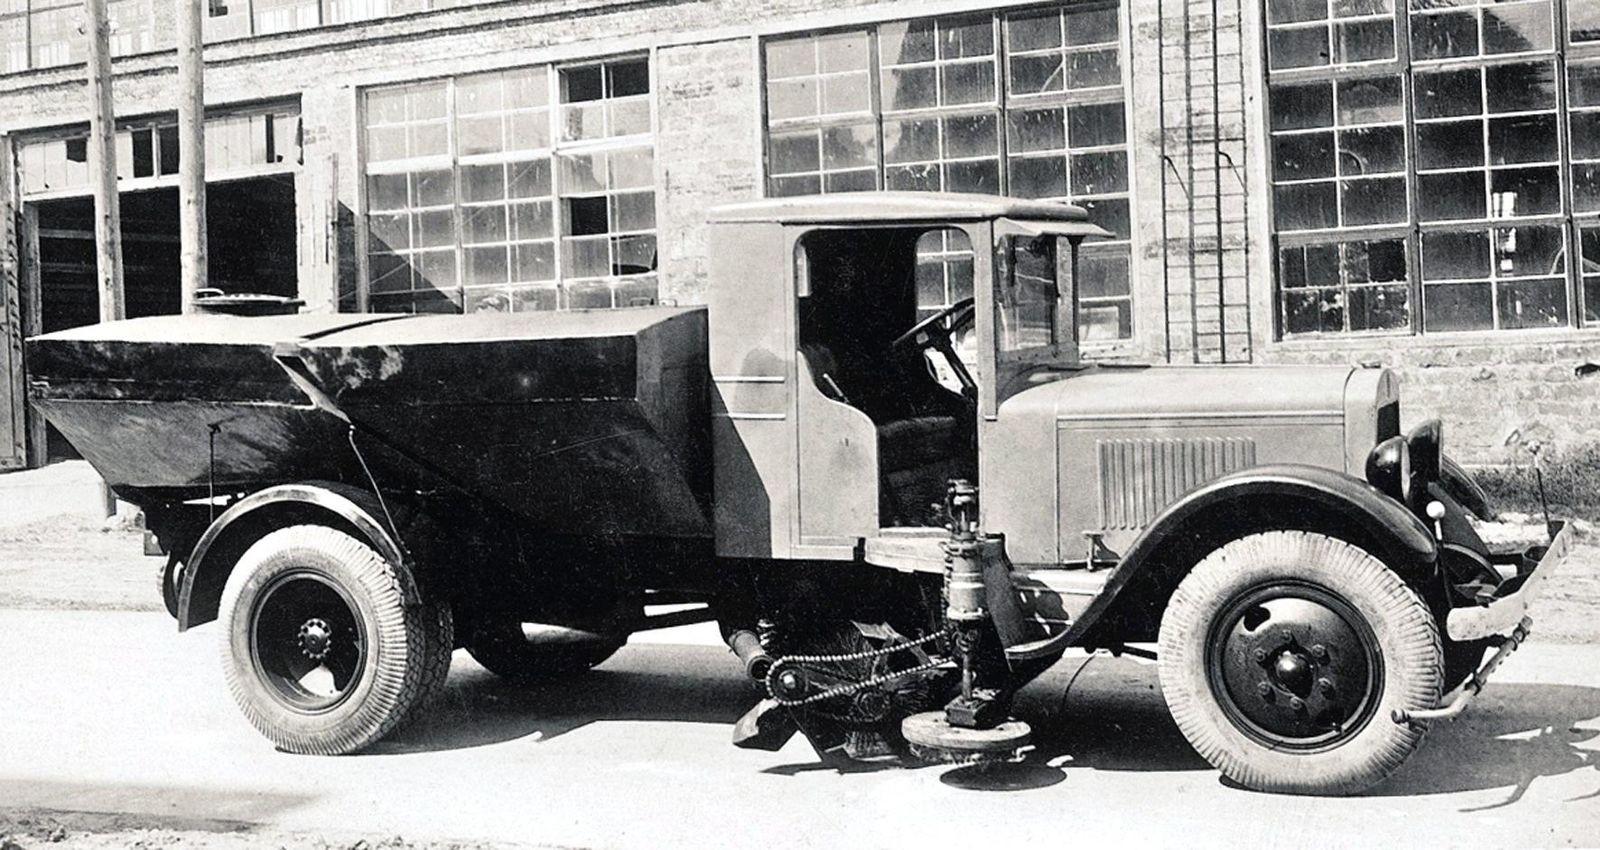 «Подметалки» и «поливалки»: история советских коммунальных машин